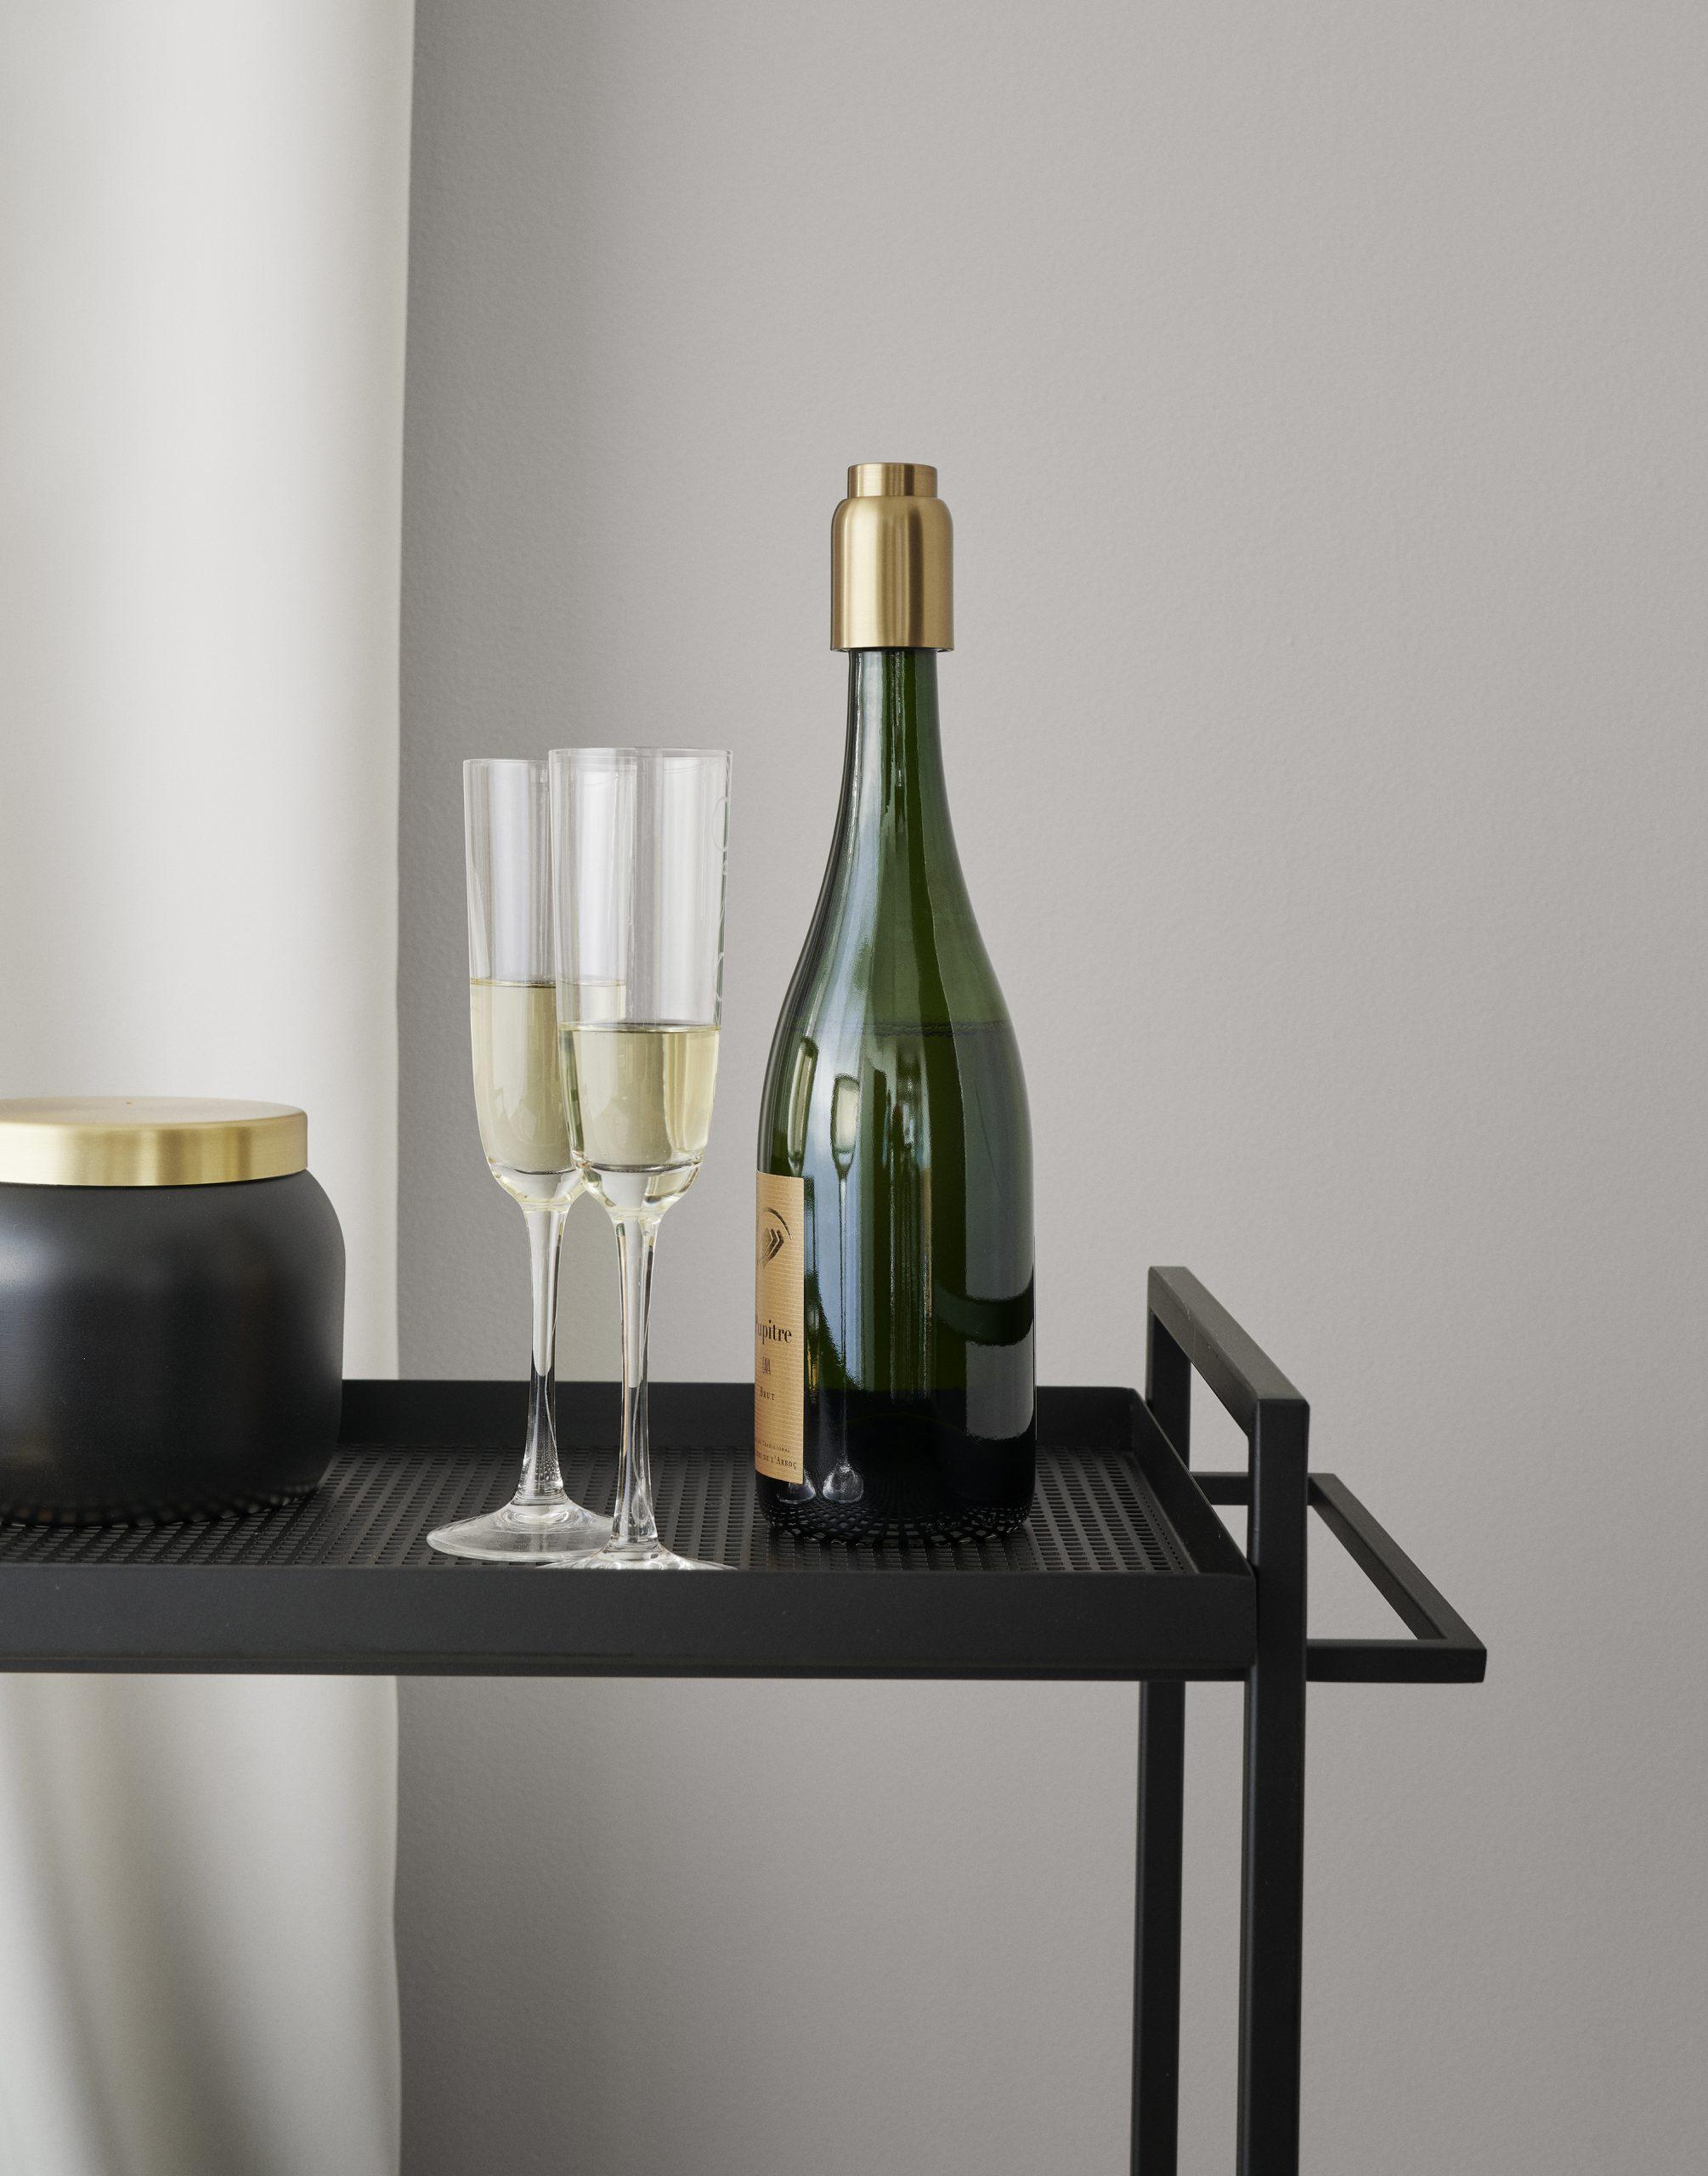 Collar bottle stopper by Debiasi Sandri designed for Stelton